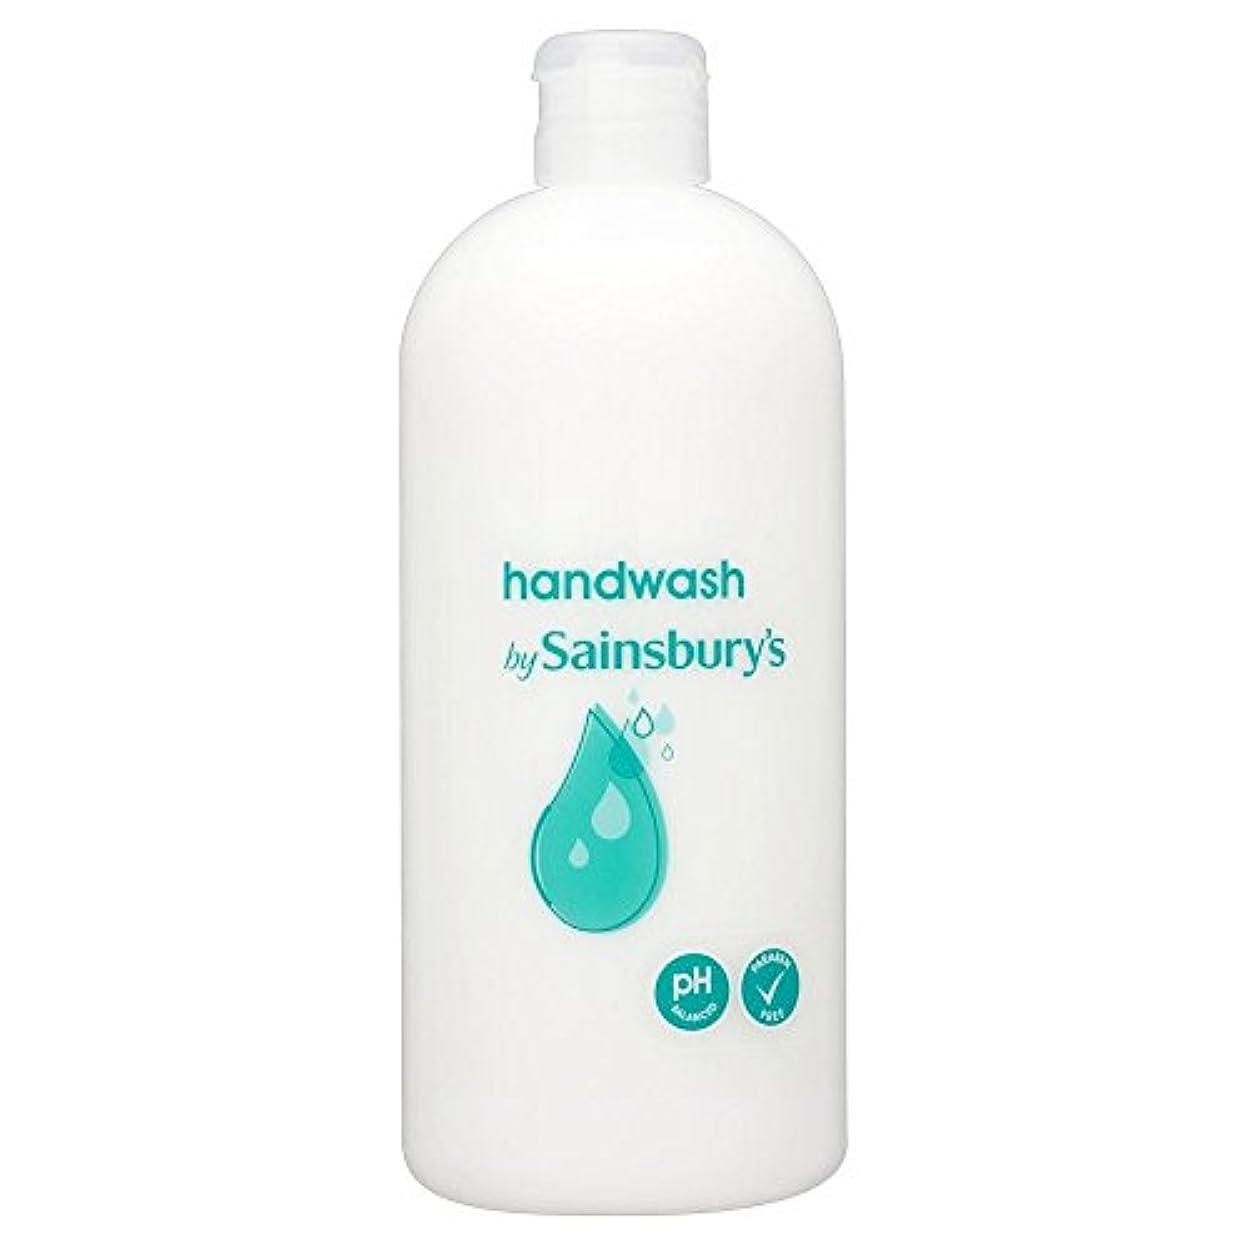 殺す分析的巻き戻すSainsbury's Handwash, White Refill 500ml - (Sainsbury's) 手洗い、白リフィル500ミリリットル [並行輸入品]